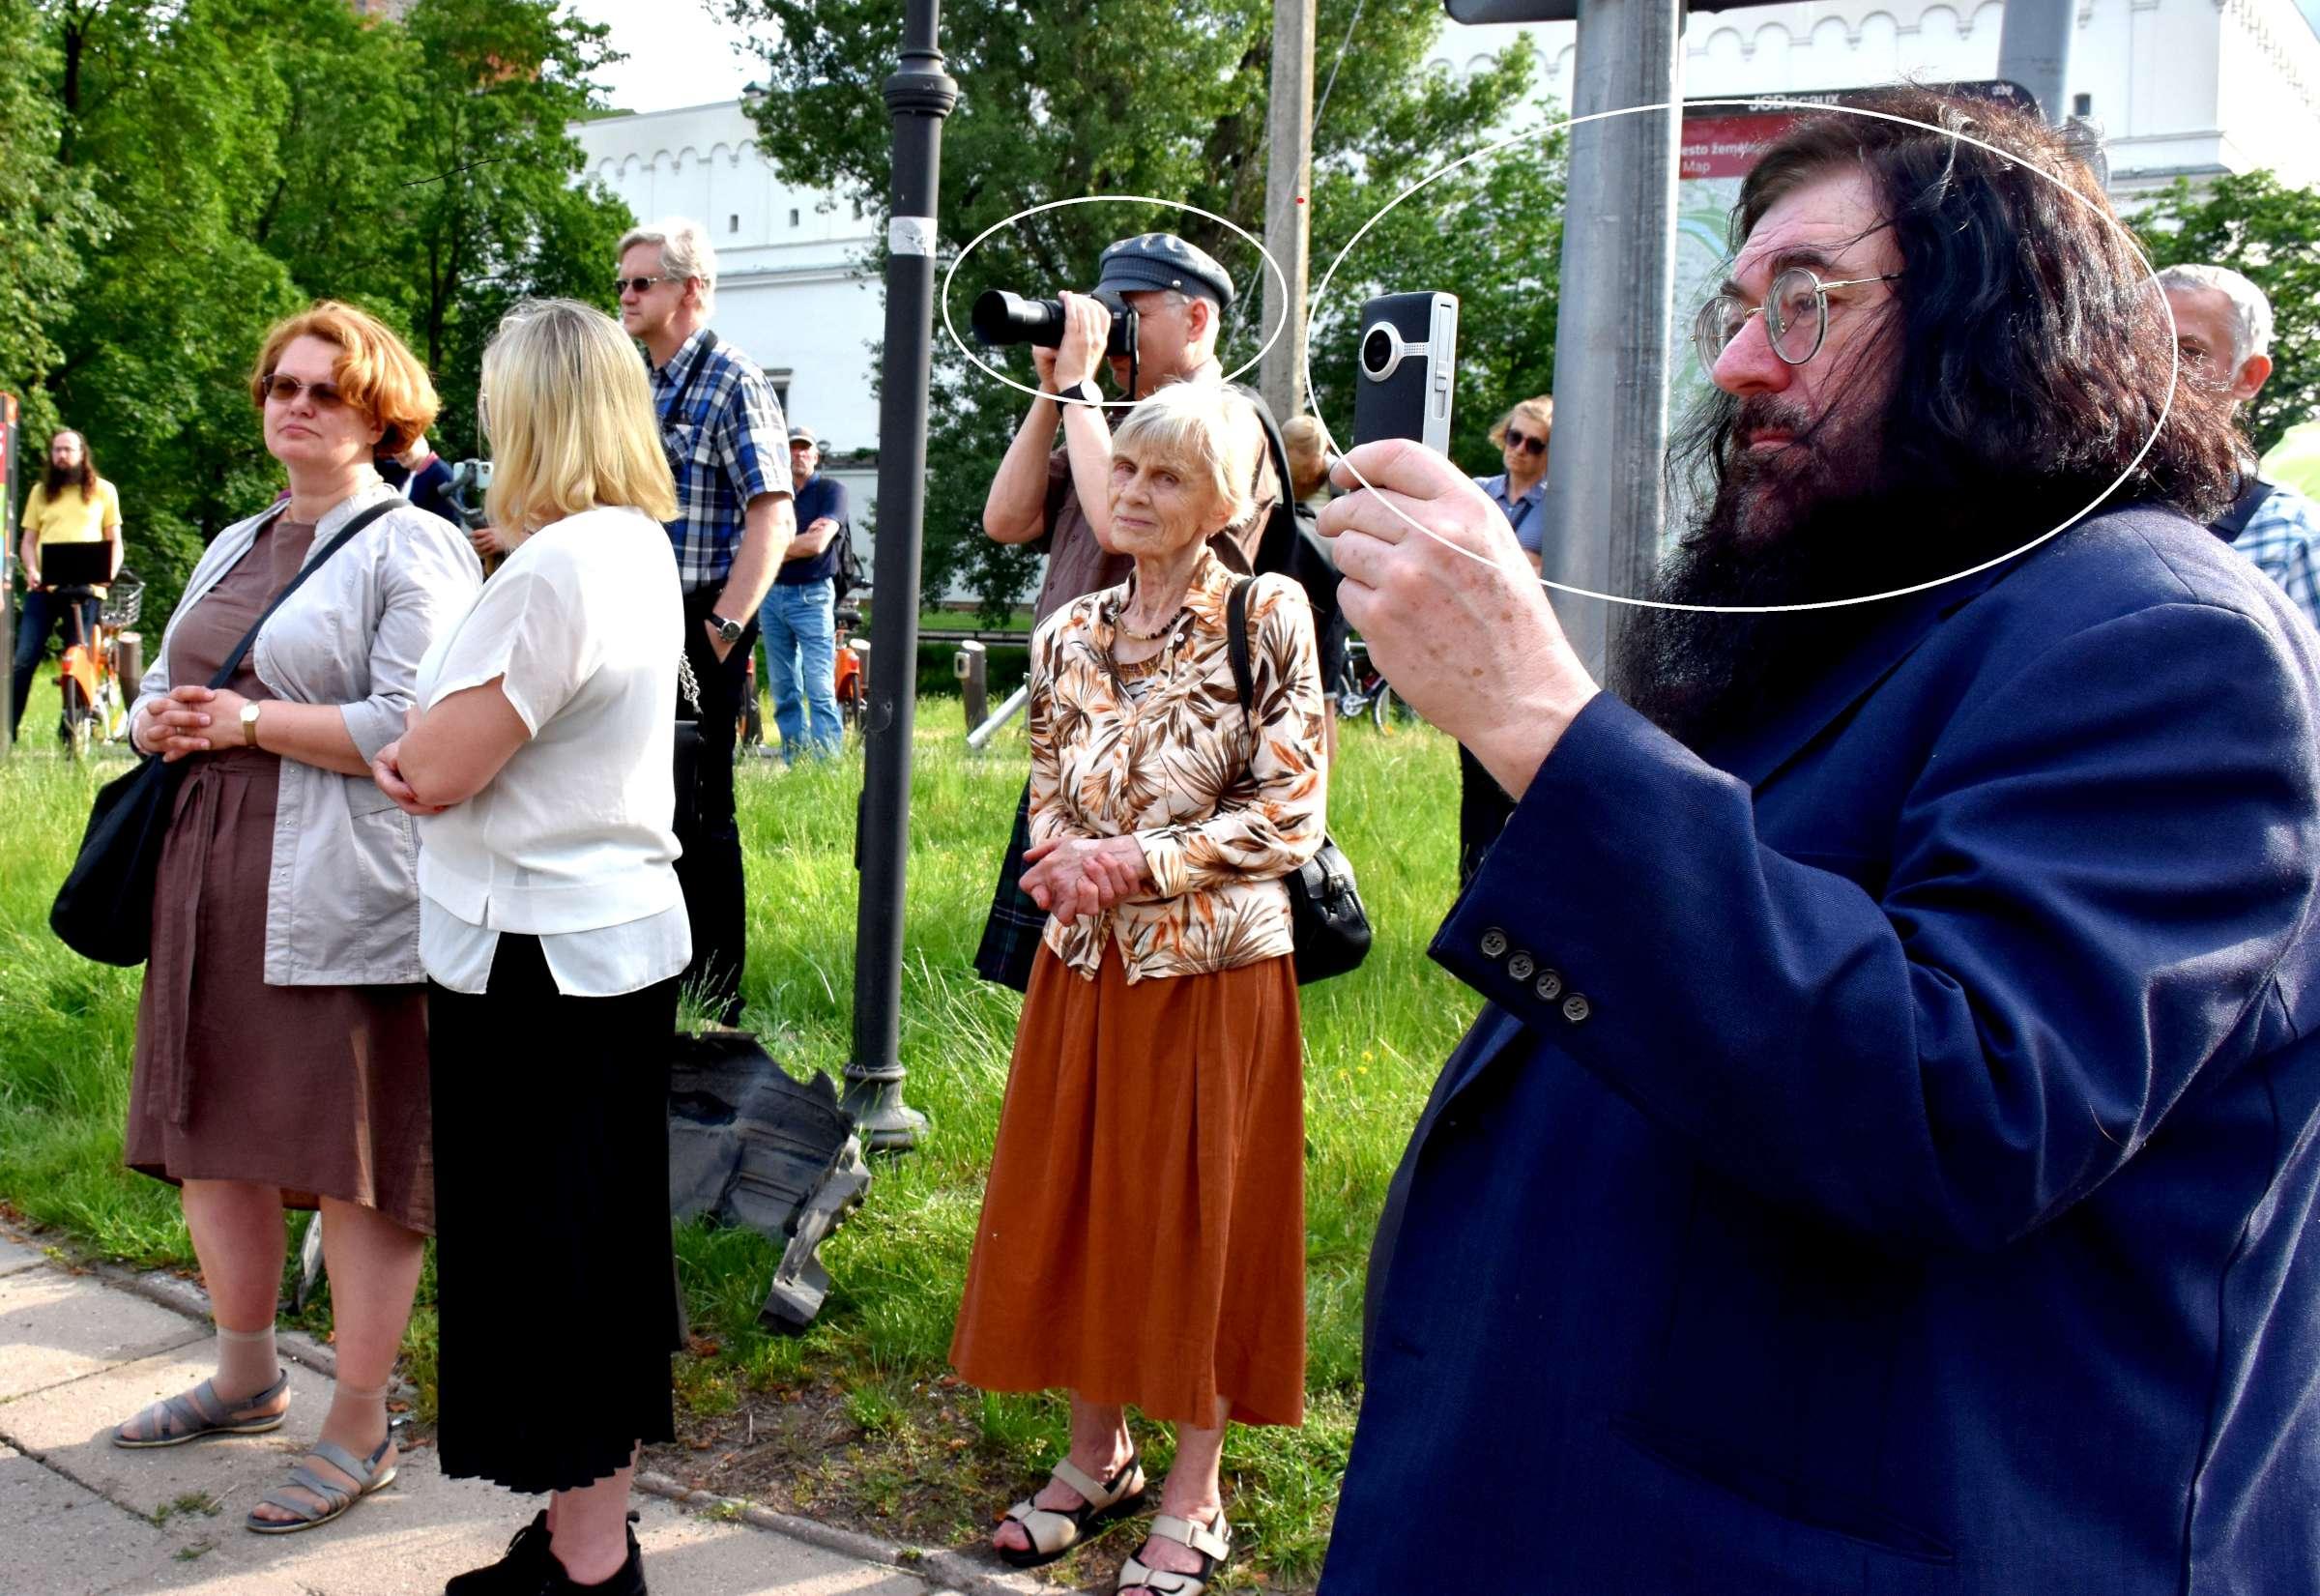 Jie filmuoja, fotografuoja. Kam? Ar parašė bent vieną Lietuvai palankų straipsnį? | J. Česnavičiaus nuotr.